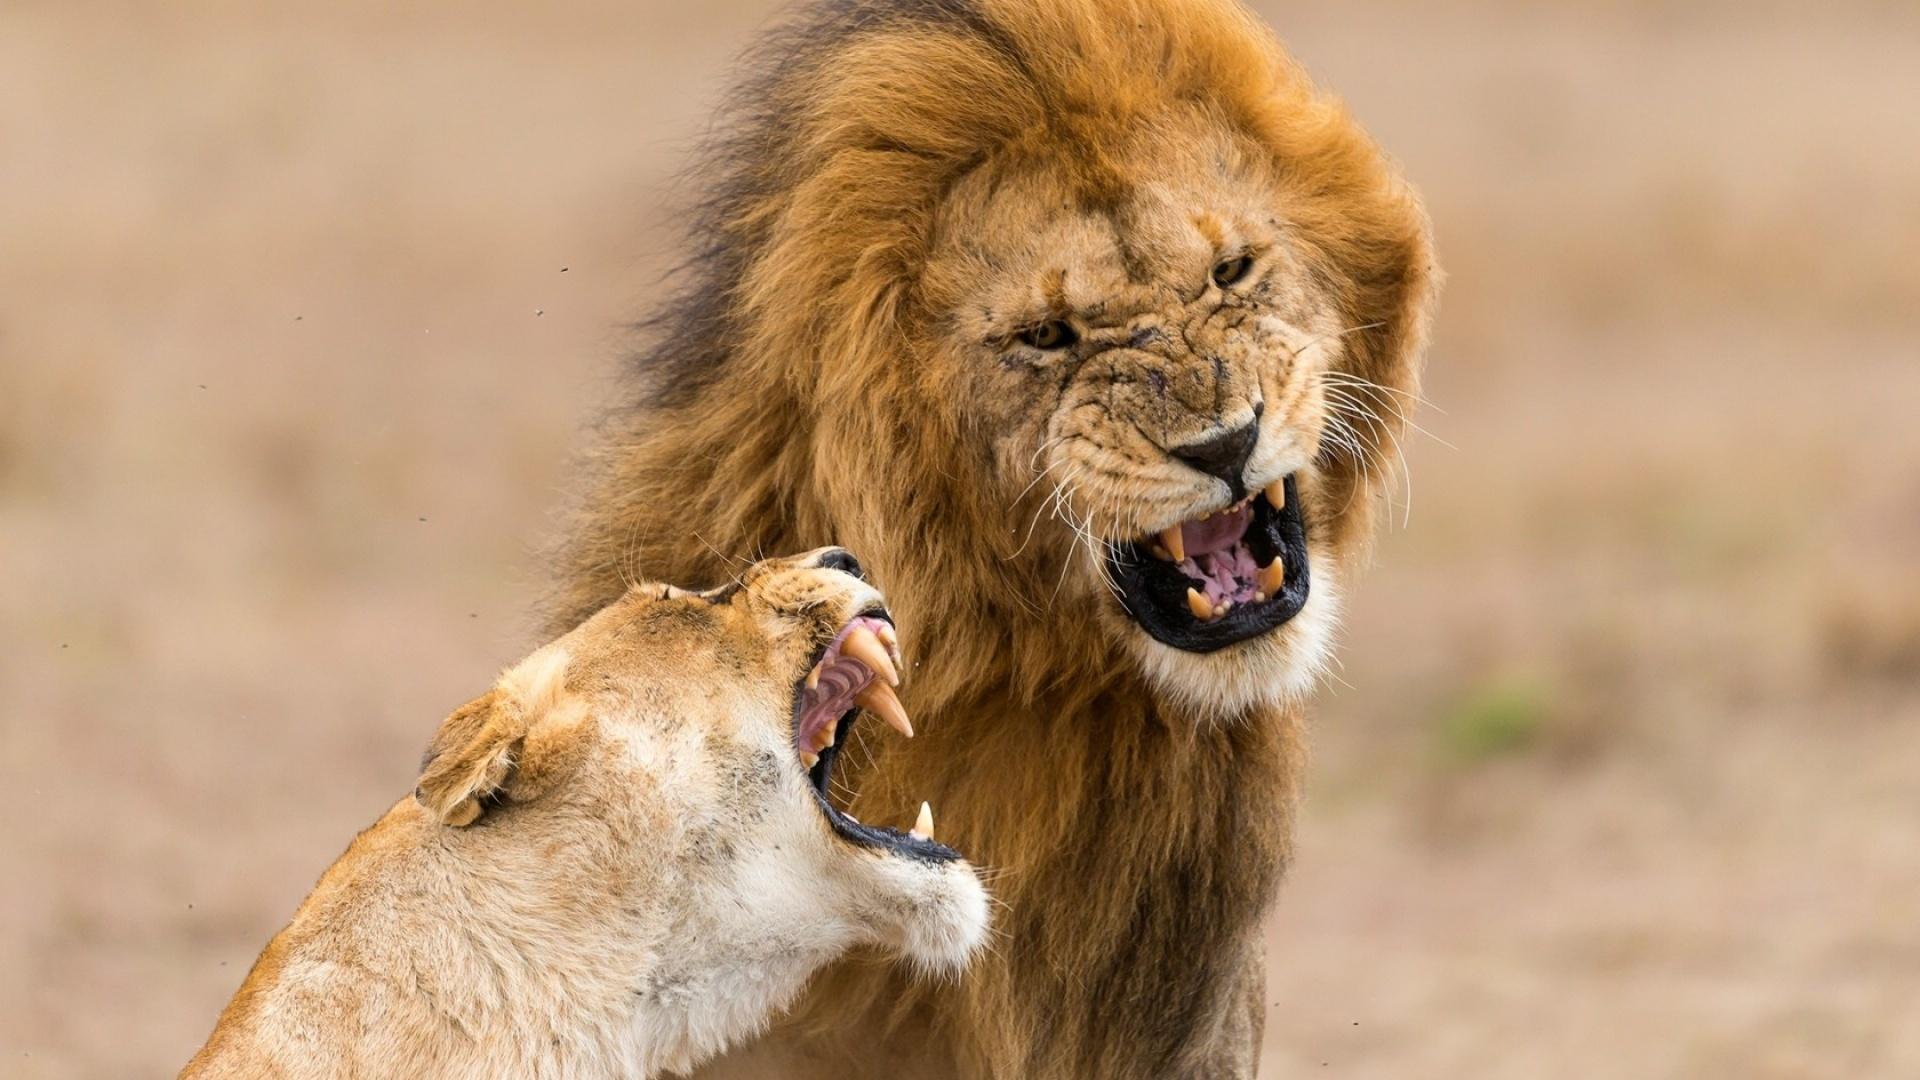 Приколы, картинки льва и львицы смешные